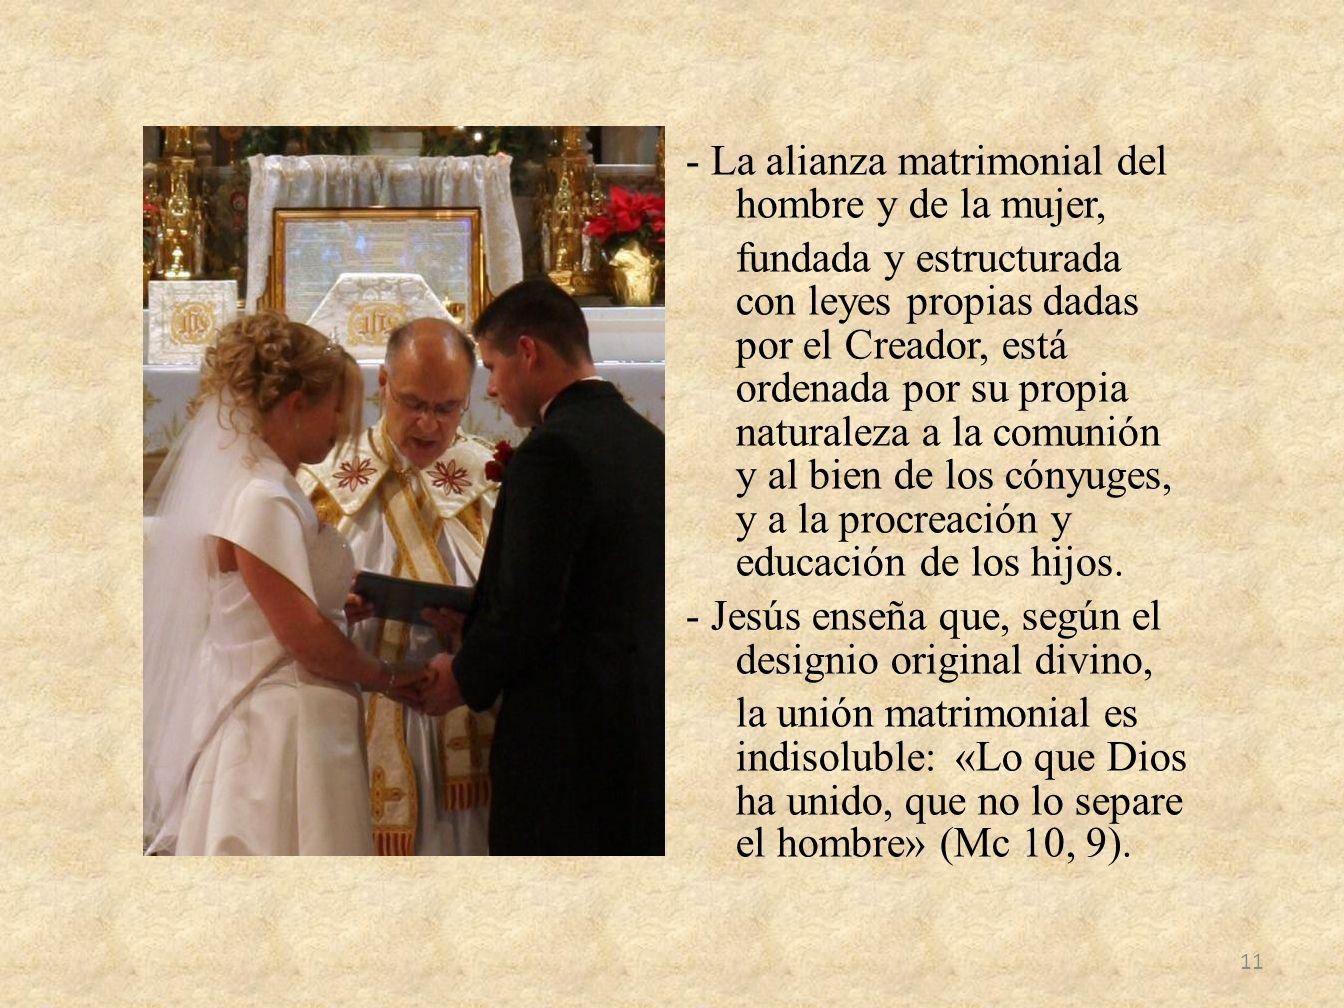 - La alianza matrimonial del hombre y de la mujer, fundada y estructurada con leyes propias dadas por el Creador, está ordenada por su propia naturaleza a la comunión y al bien de los cónyuges, y a la procreación y educación de los hijos.